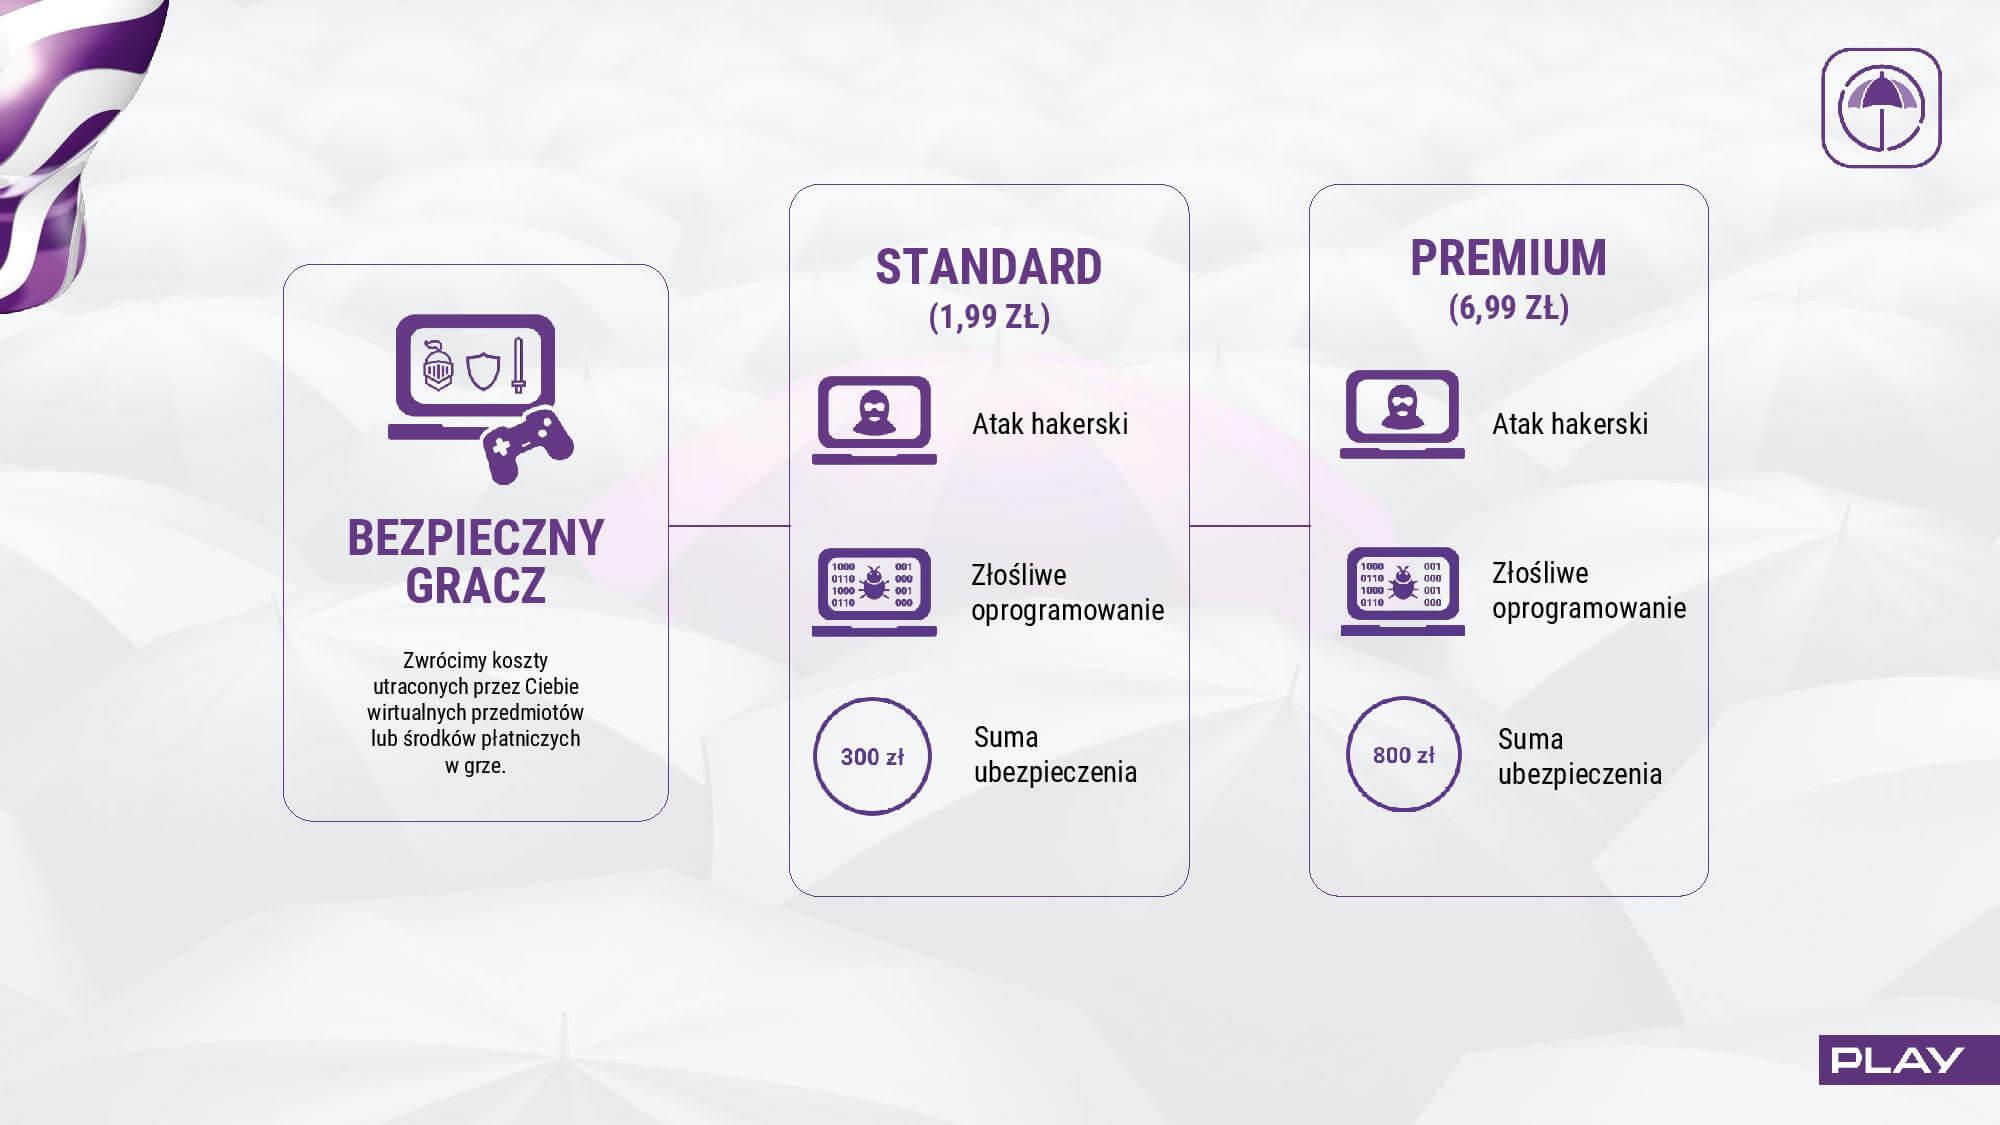 Tabletowo.pl Czegoś takiego jeszcze nie było! Play ubezpieczy wirtualne przedmioty w grach oraz sprzęt gamingowy GSM Nowości